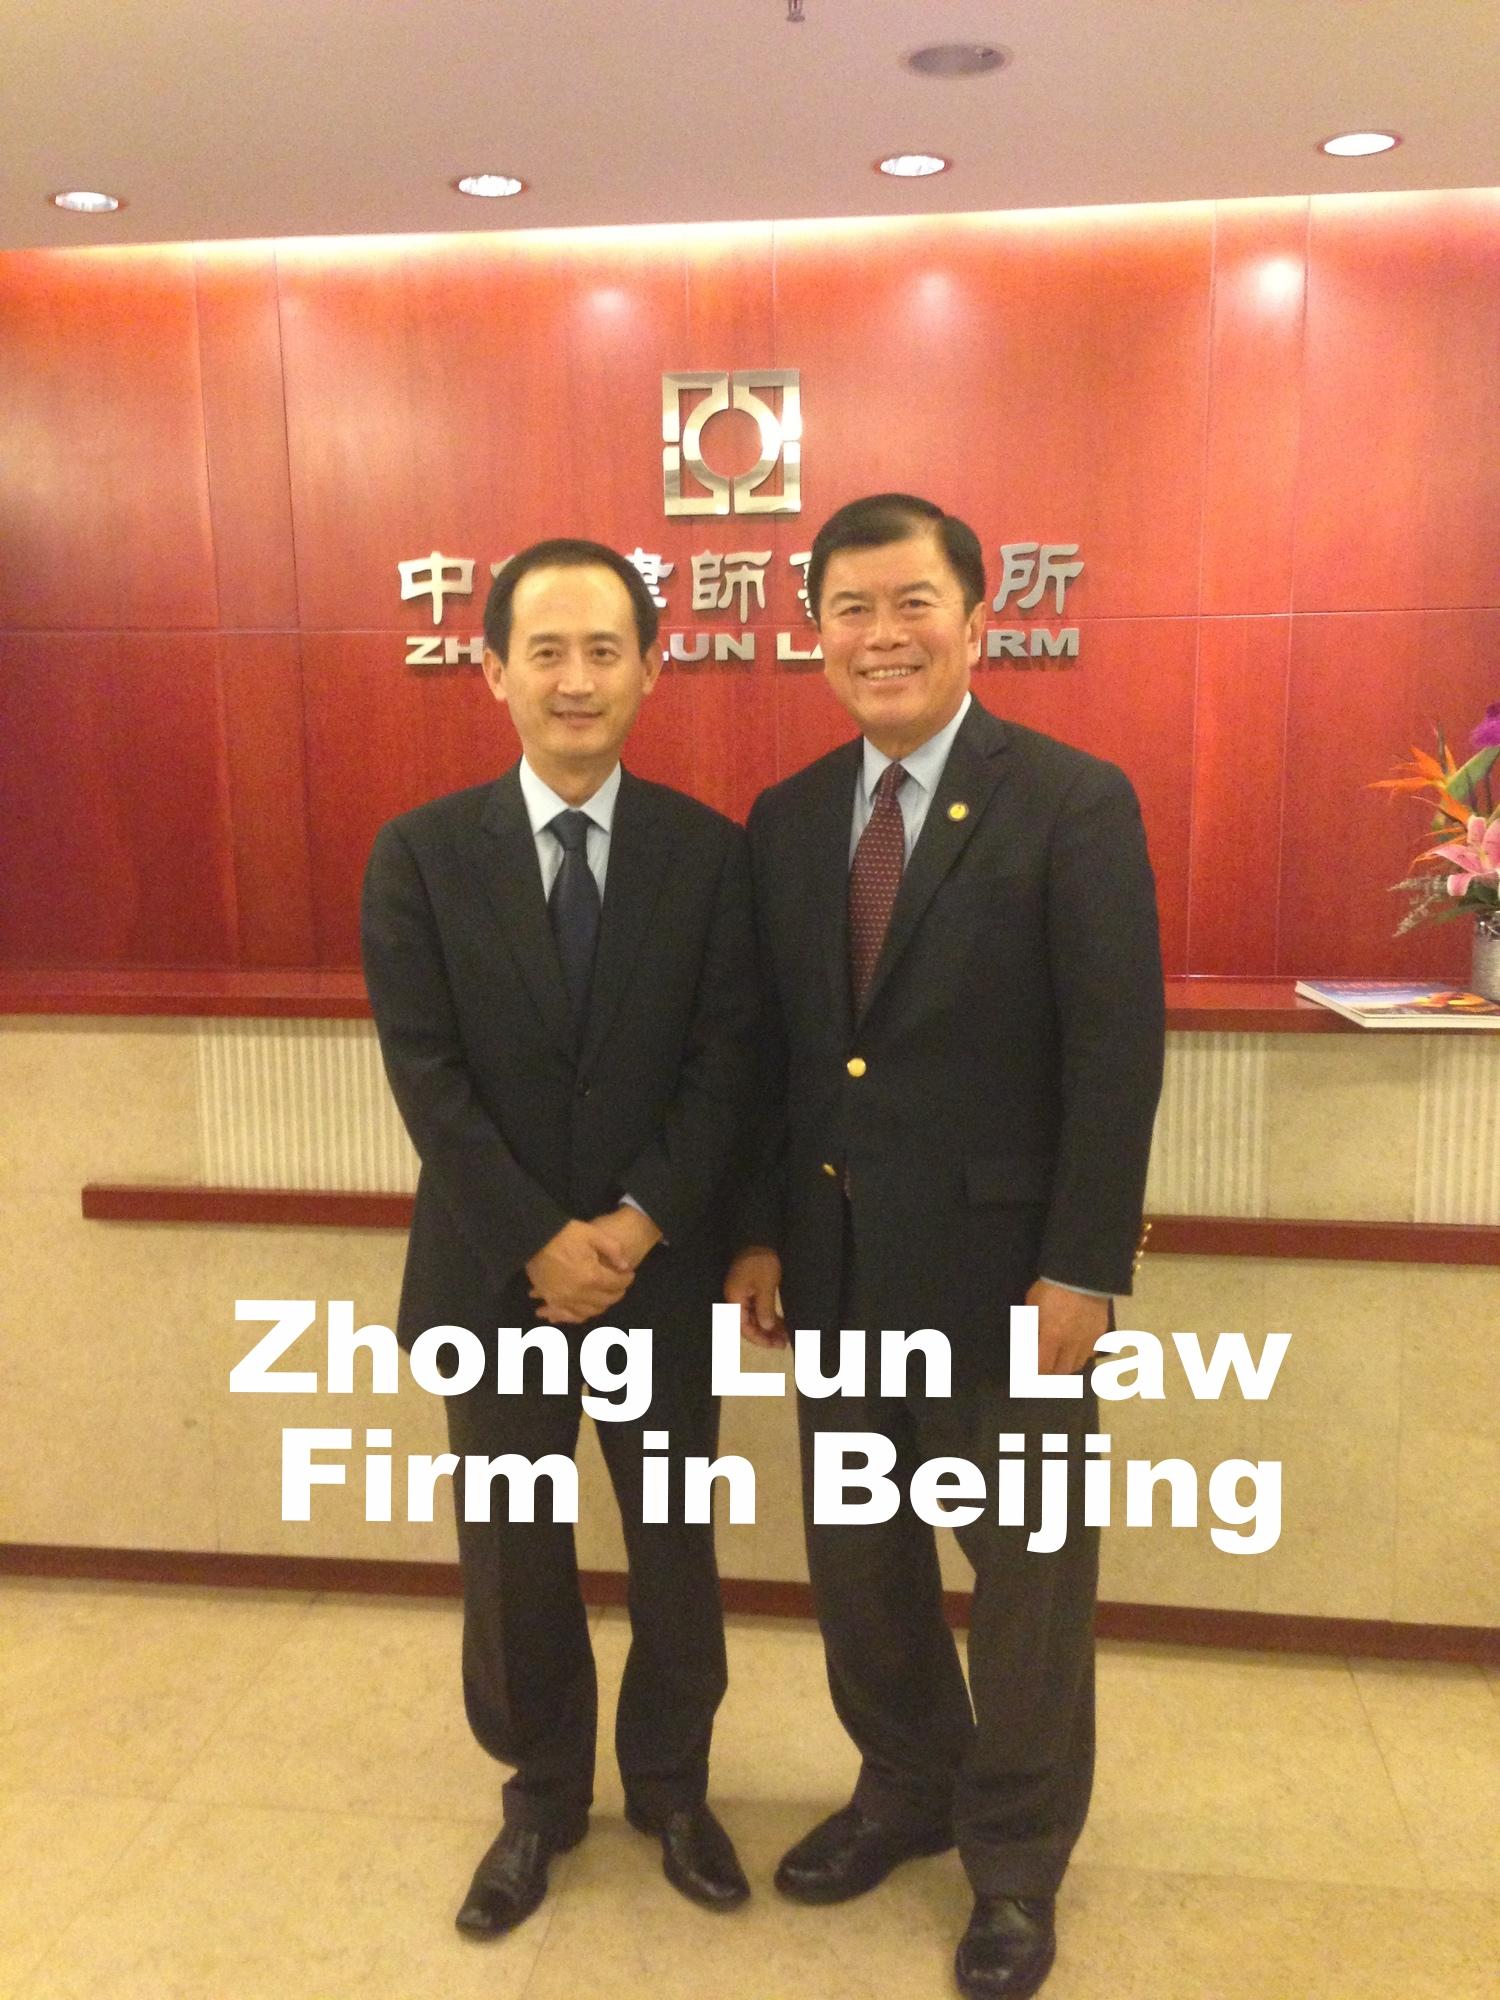 David Wu with Zhong Lun Law Firm in Beijing